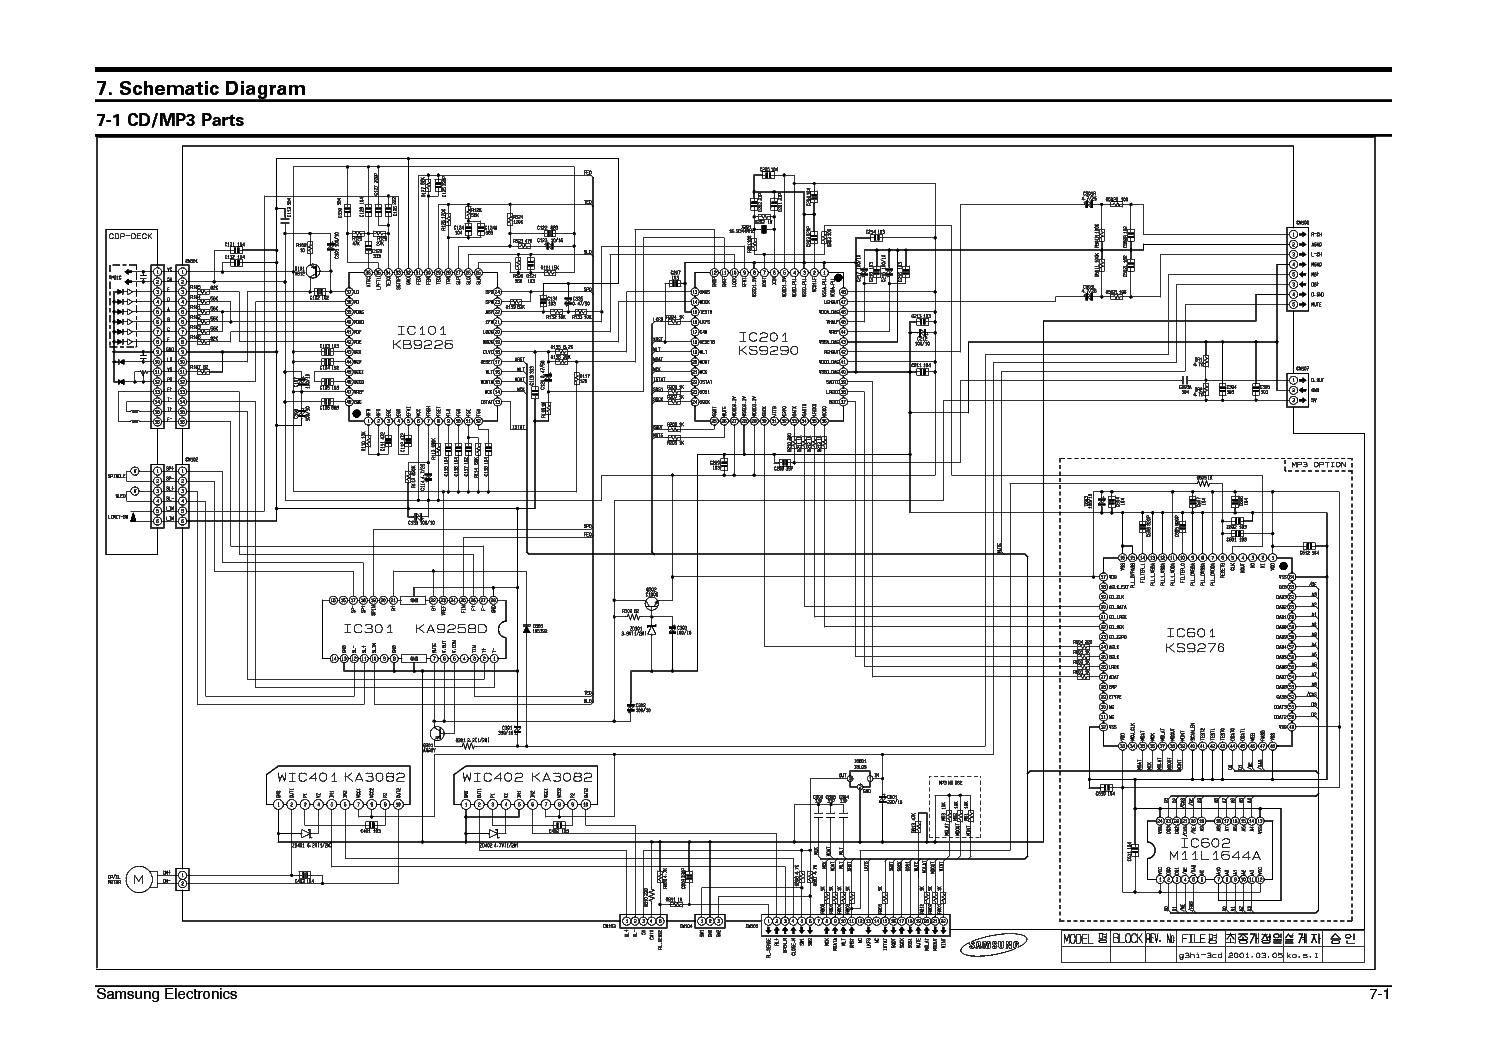 Схема домашнего кинотеатра Samsung MAX WB630.